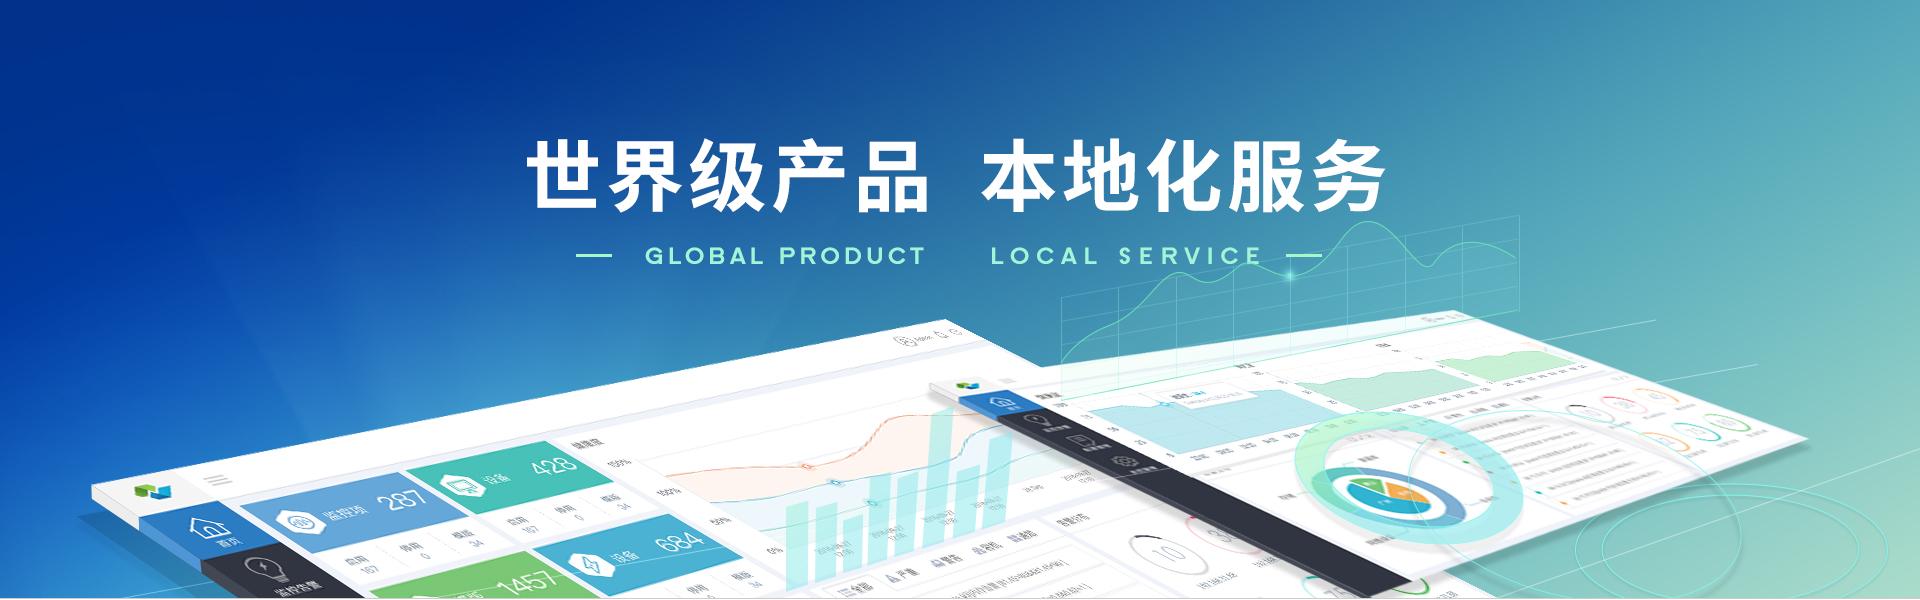 世界级产品,本地化服务